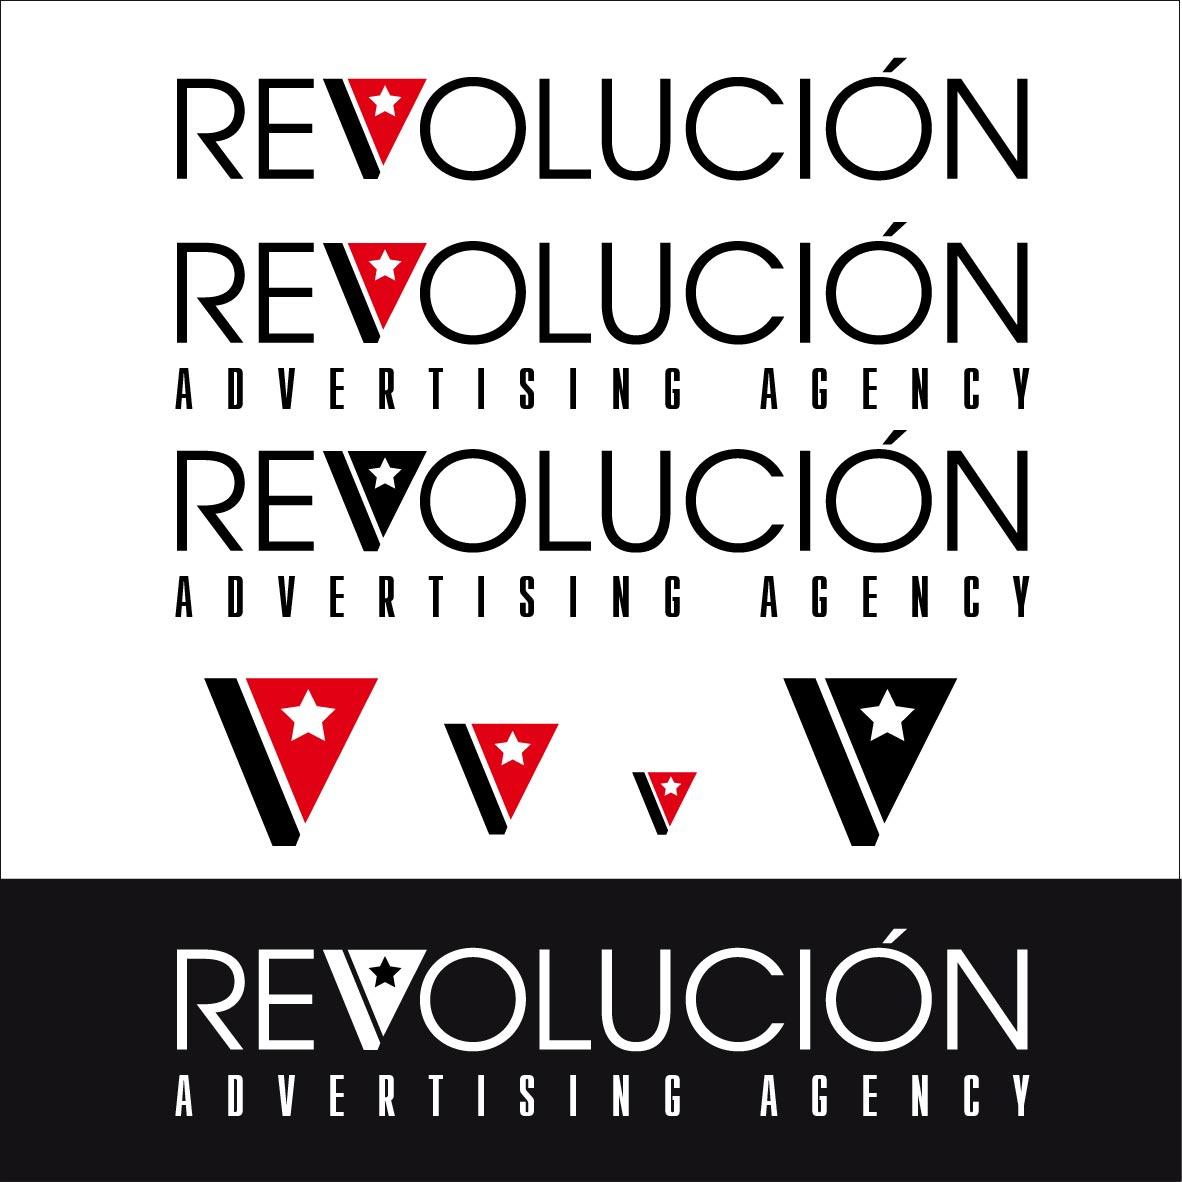 Разработка логотипа и фир. стиля агенству Revolución фото f_4fbdebfc8cbc5.jpg